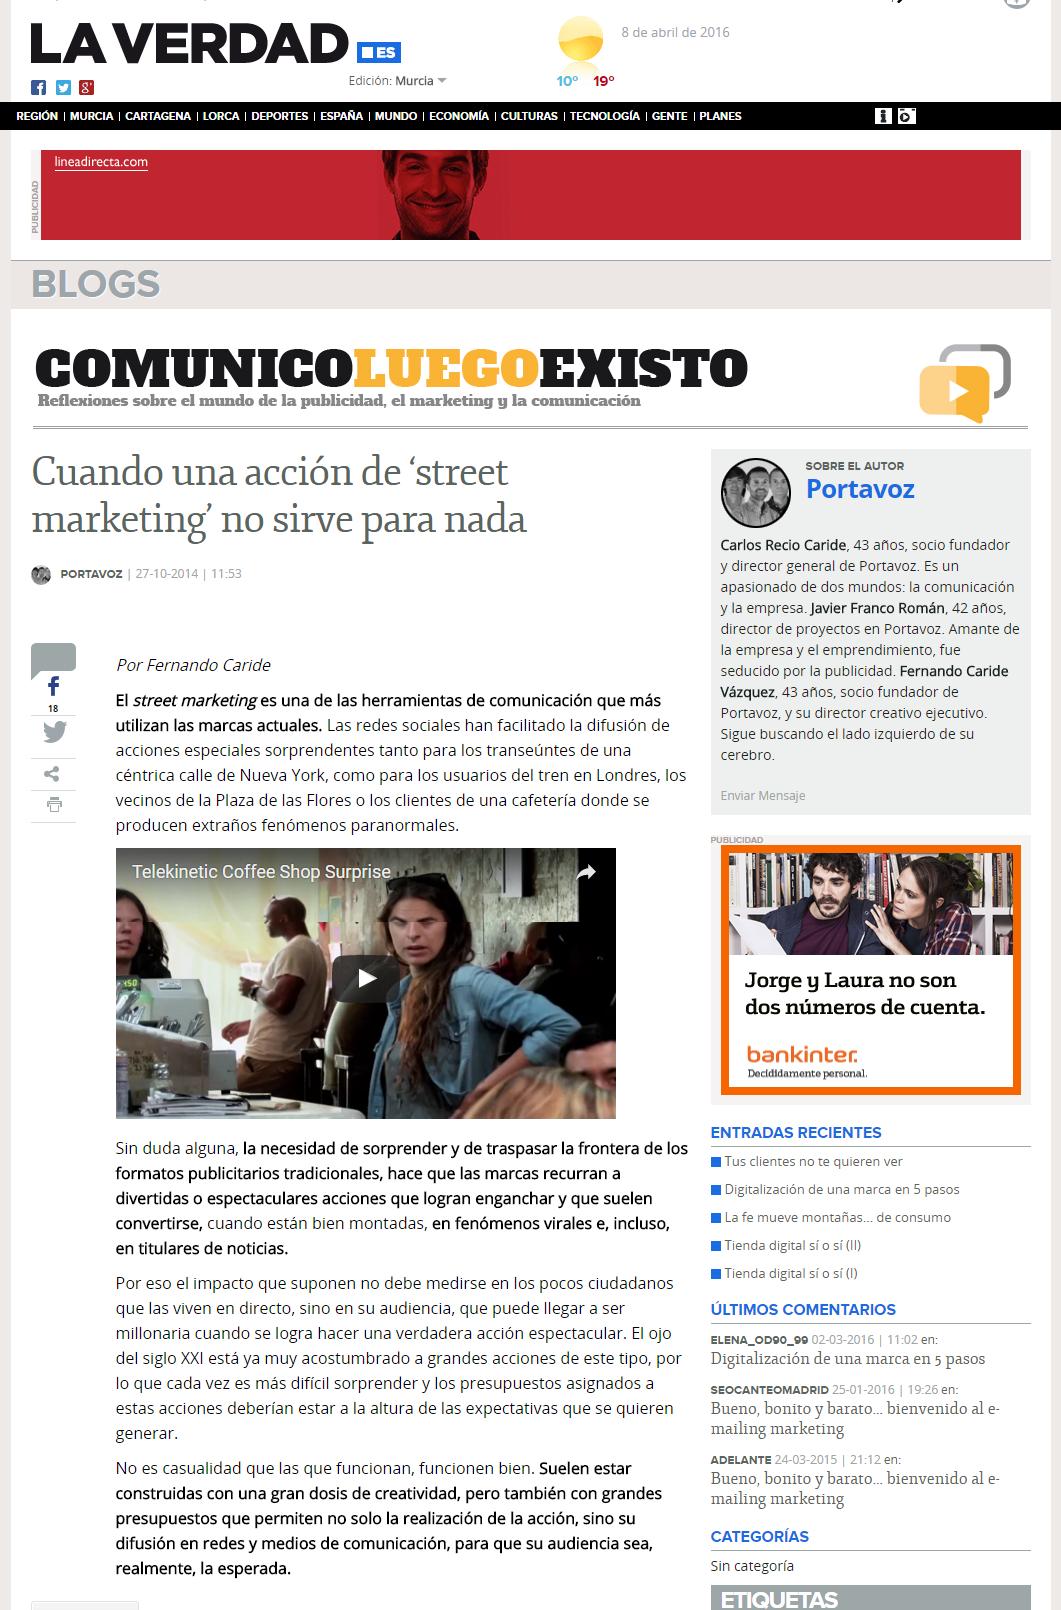 FireShot Capture 94 - Cuando una acción de 'street marketing_ - http___blogs.laverdad.es_comunicol